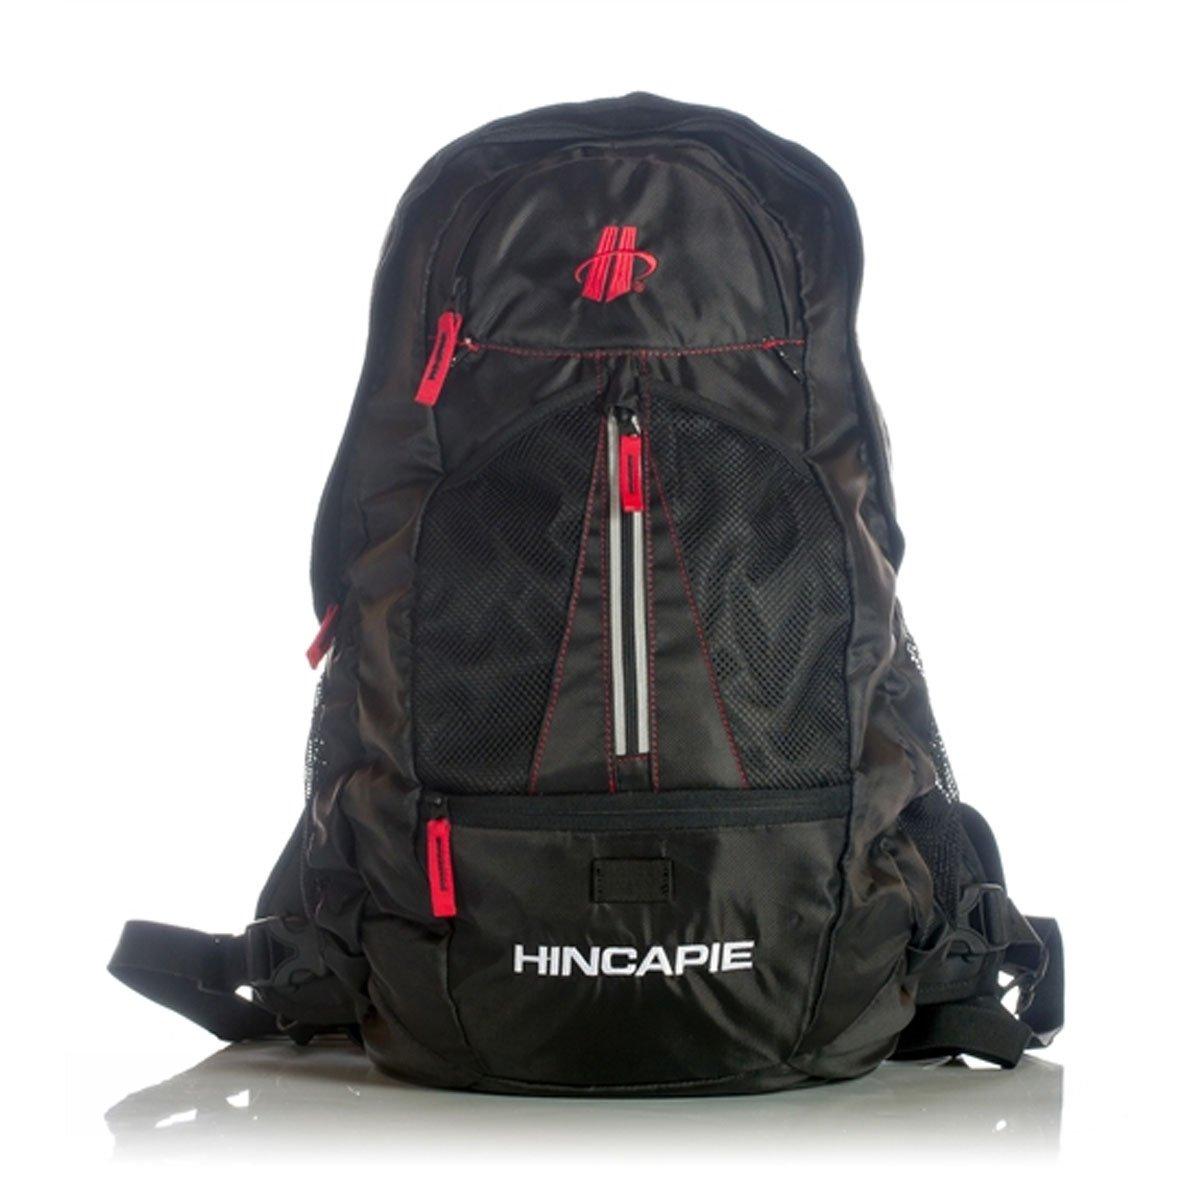 Hincapie 2014 / 15 ProパックCyclingバックパック  ブラック B00MR11XW4